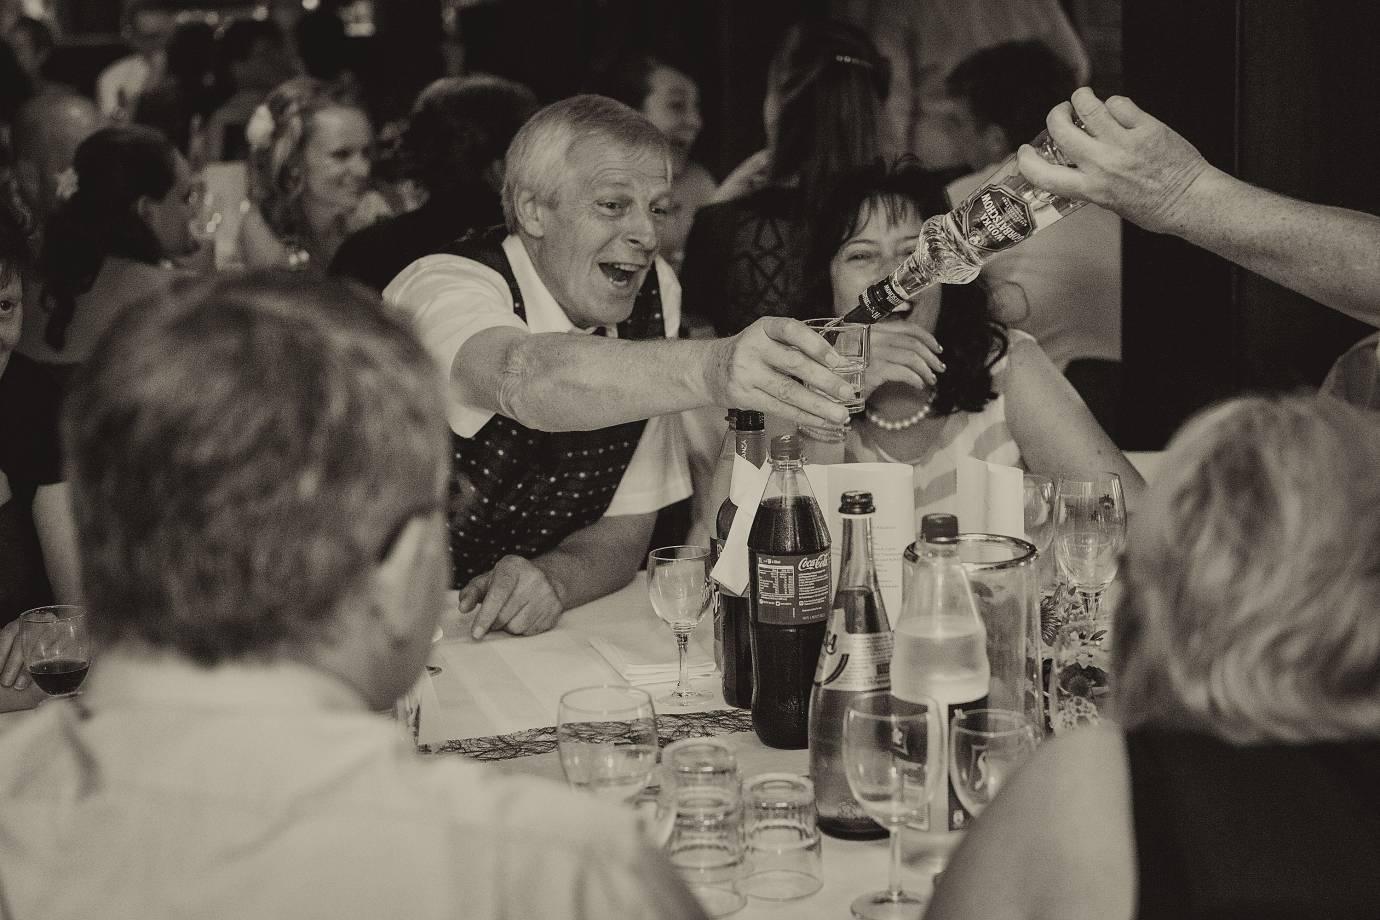 hochzeitsfotograf hambergen 185 - Iris+Sascha